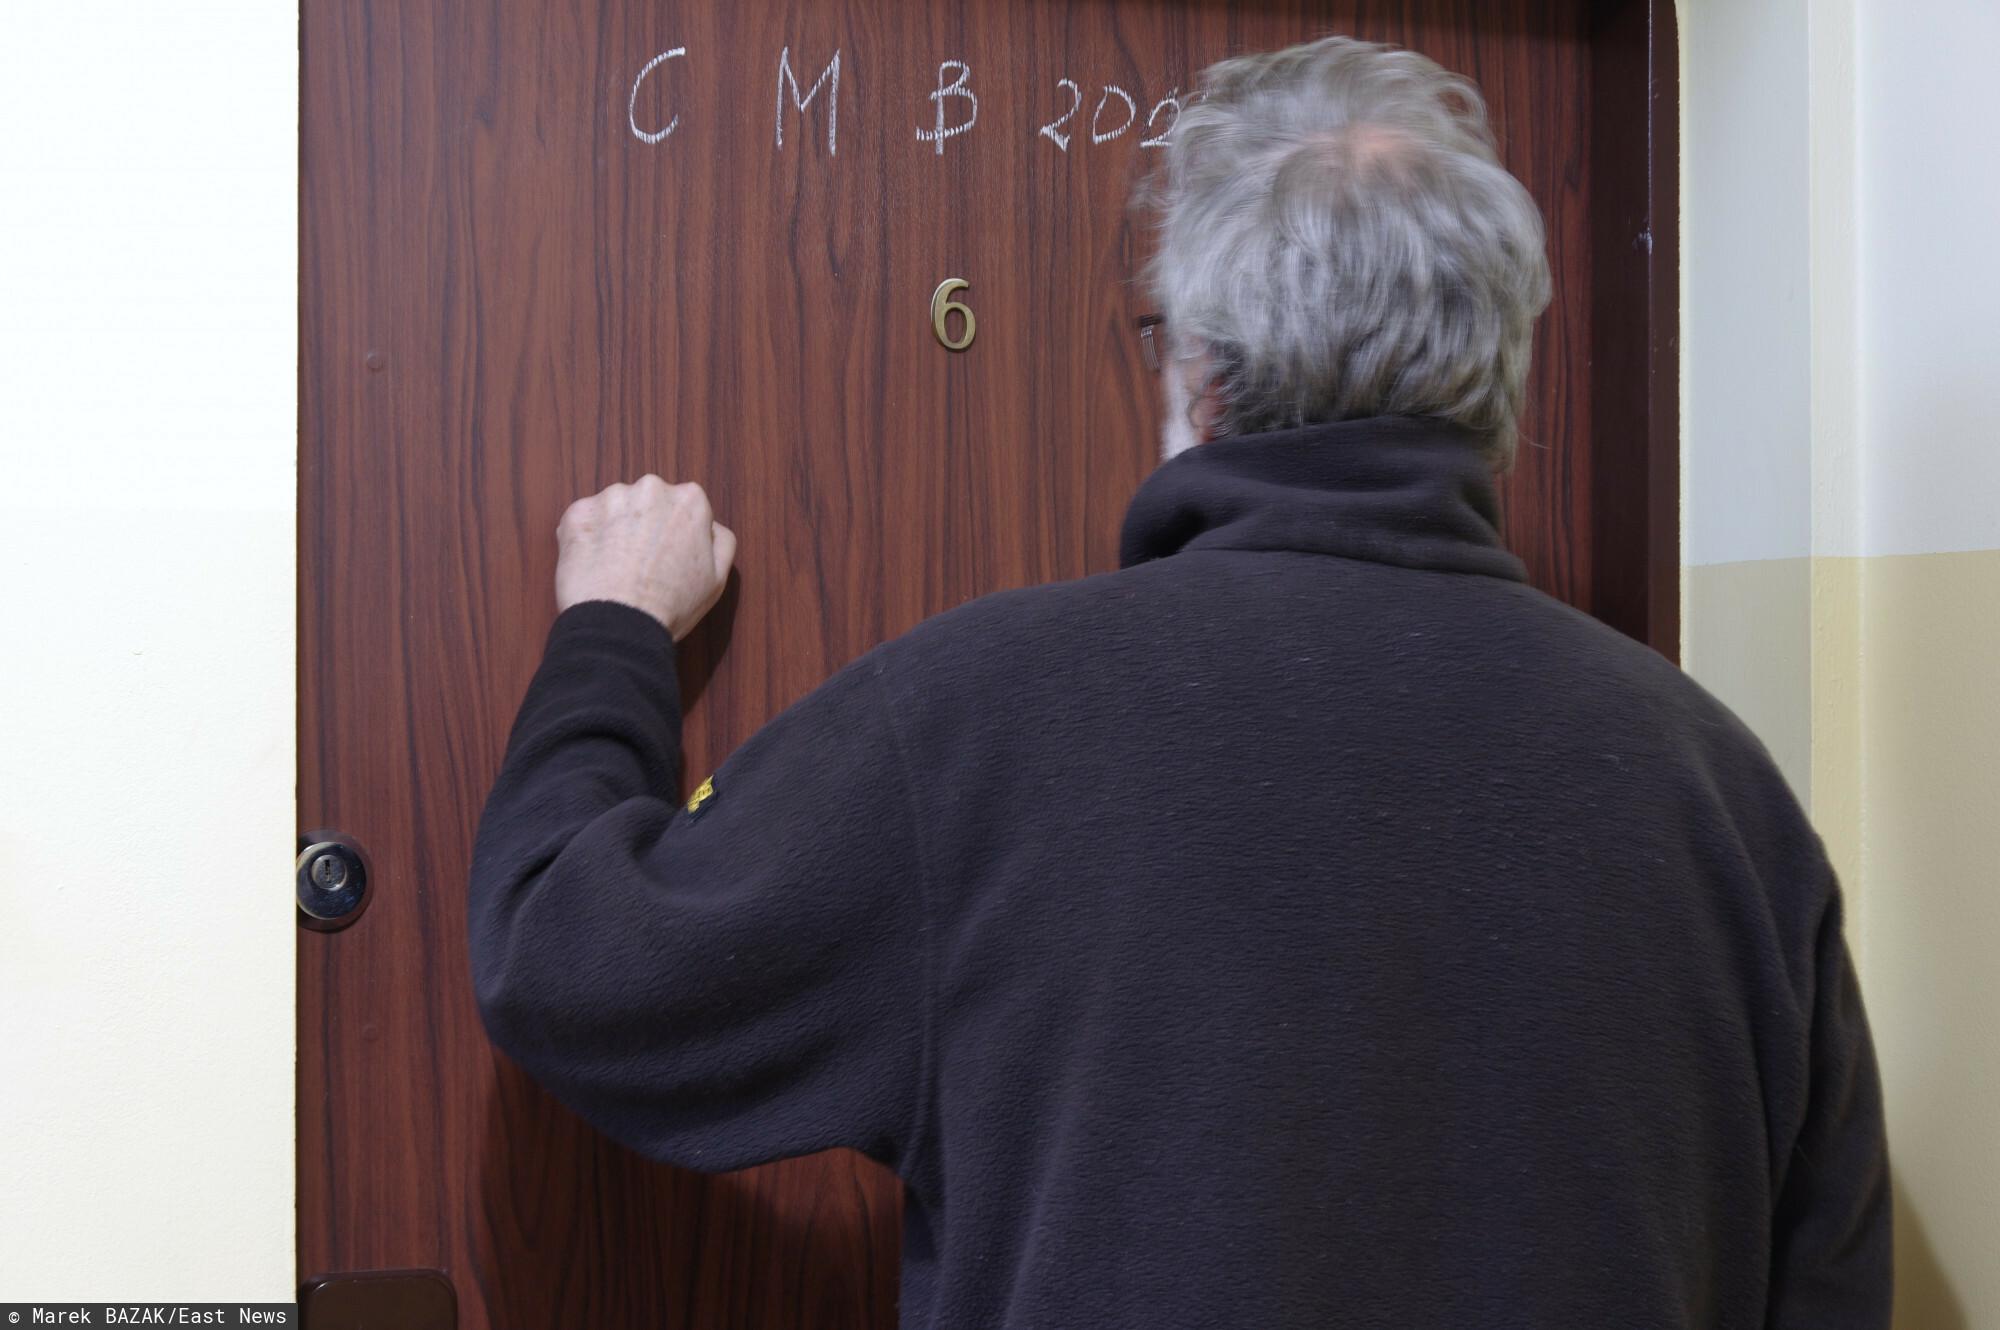 PHOTO: ZOFIA I MAREK BAZAK / EAST NEWS Nieznajomy mezczyzna puka do drzwi mieszkania starszej osoby